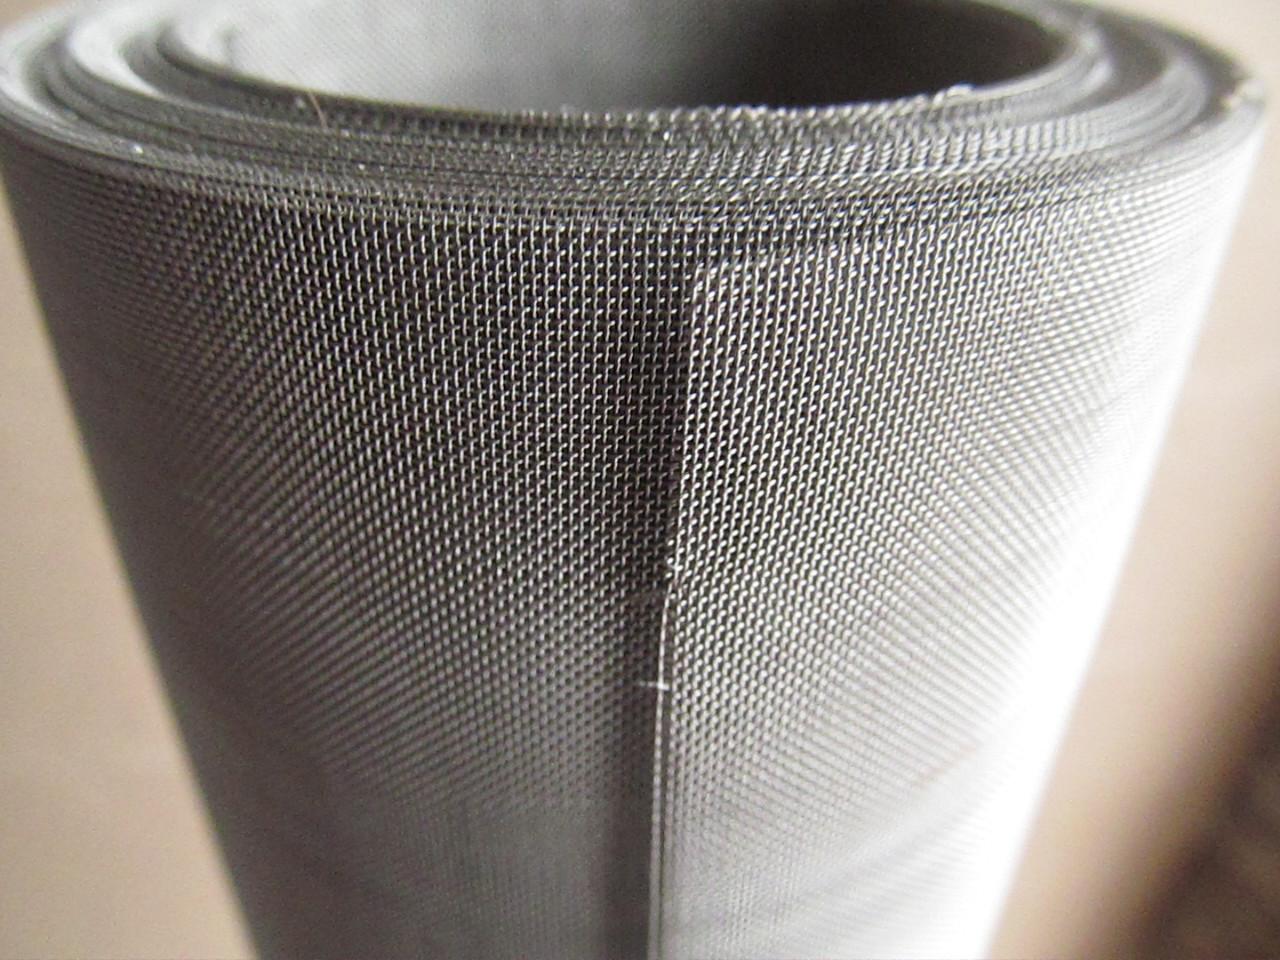 Сетка тканая из нержавеющей проволоки. Ячейка: 0,2мм, Проволока: 0,13мм, Ширина 1м.